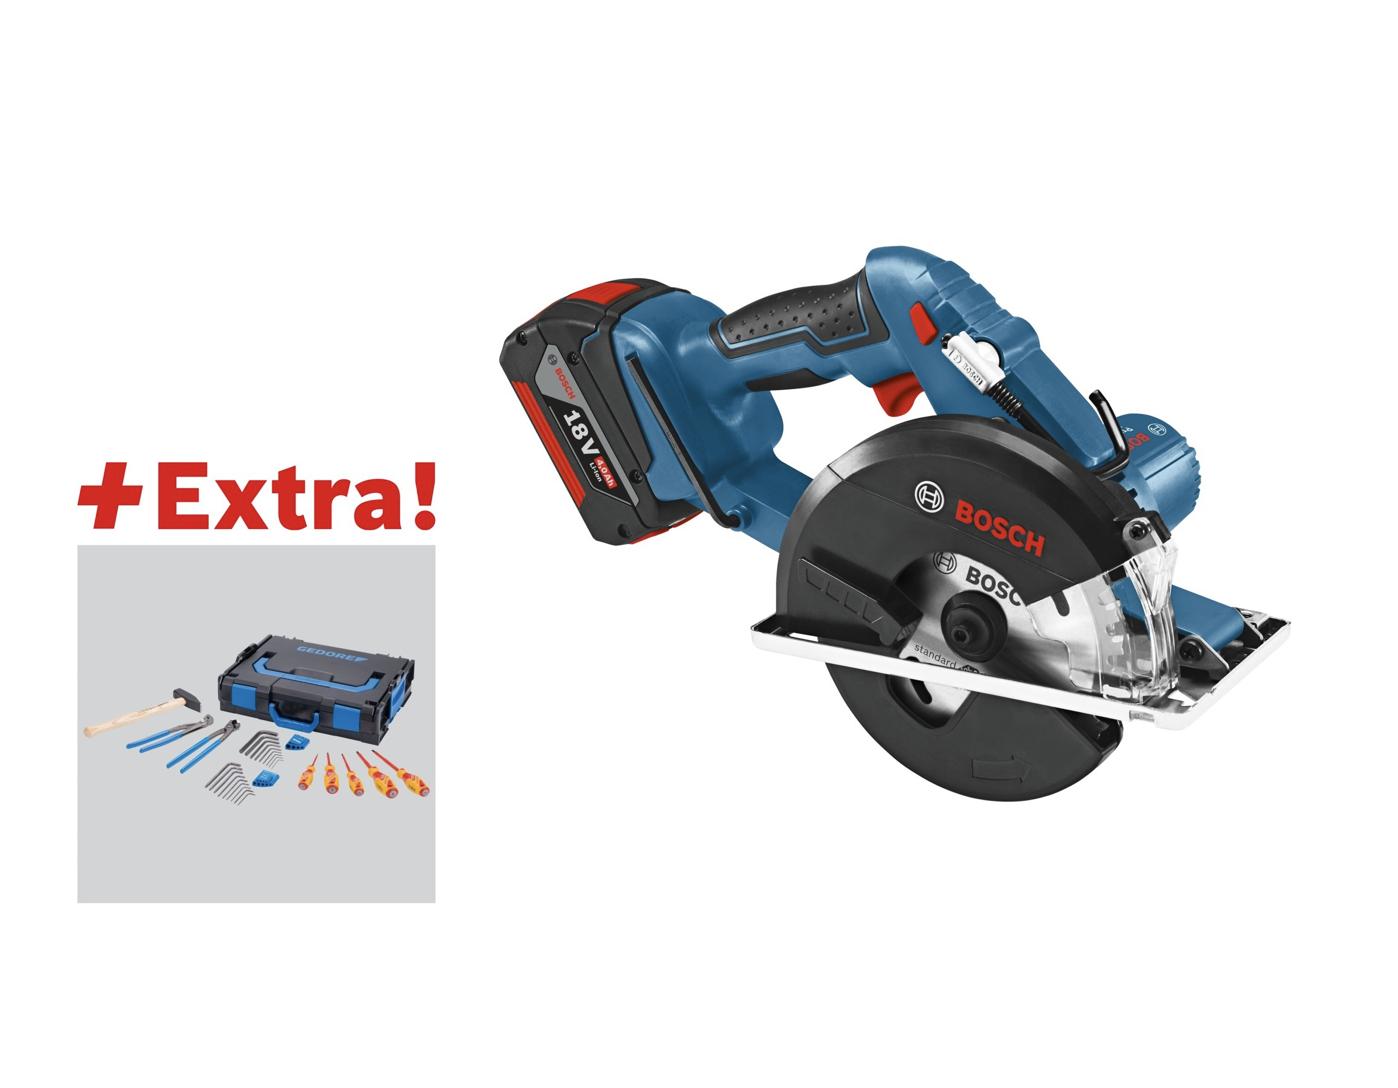 Bosch Akku-Metallkreissäge GKM 18 V-LI Professional + Gedore Werkzeug L-Boxx